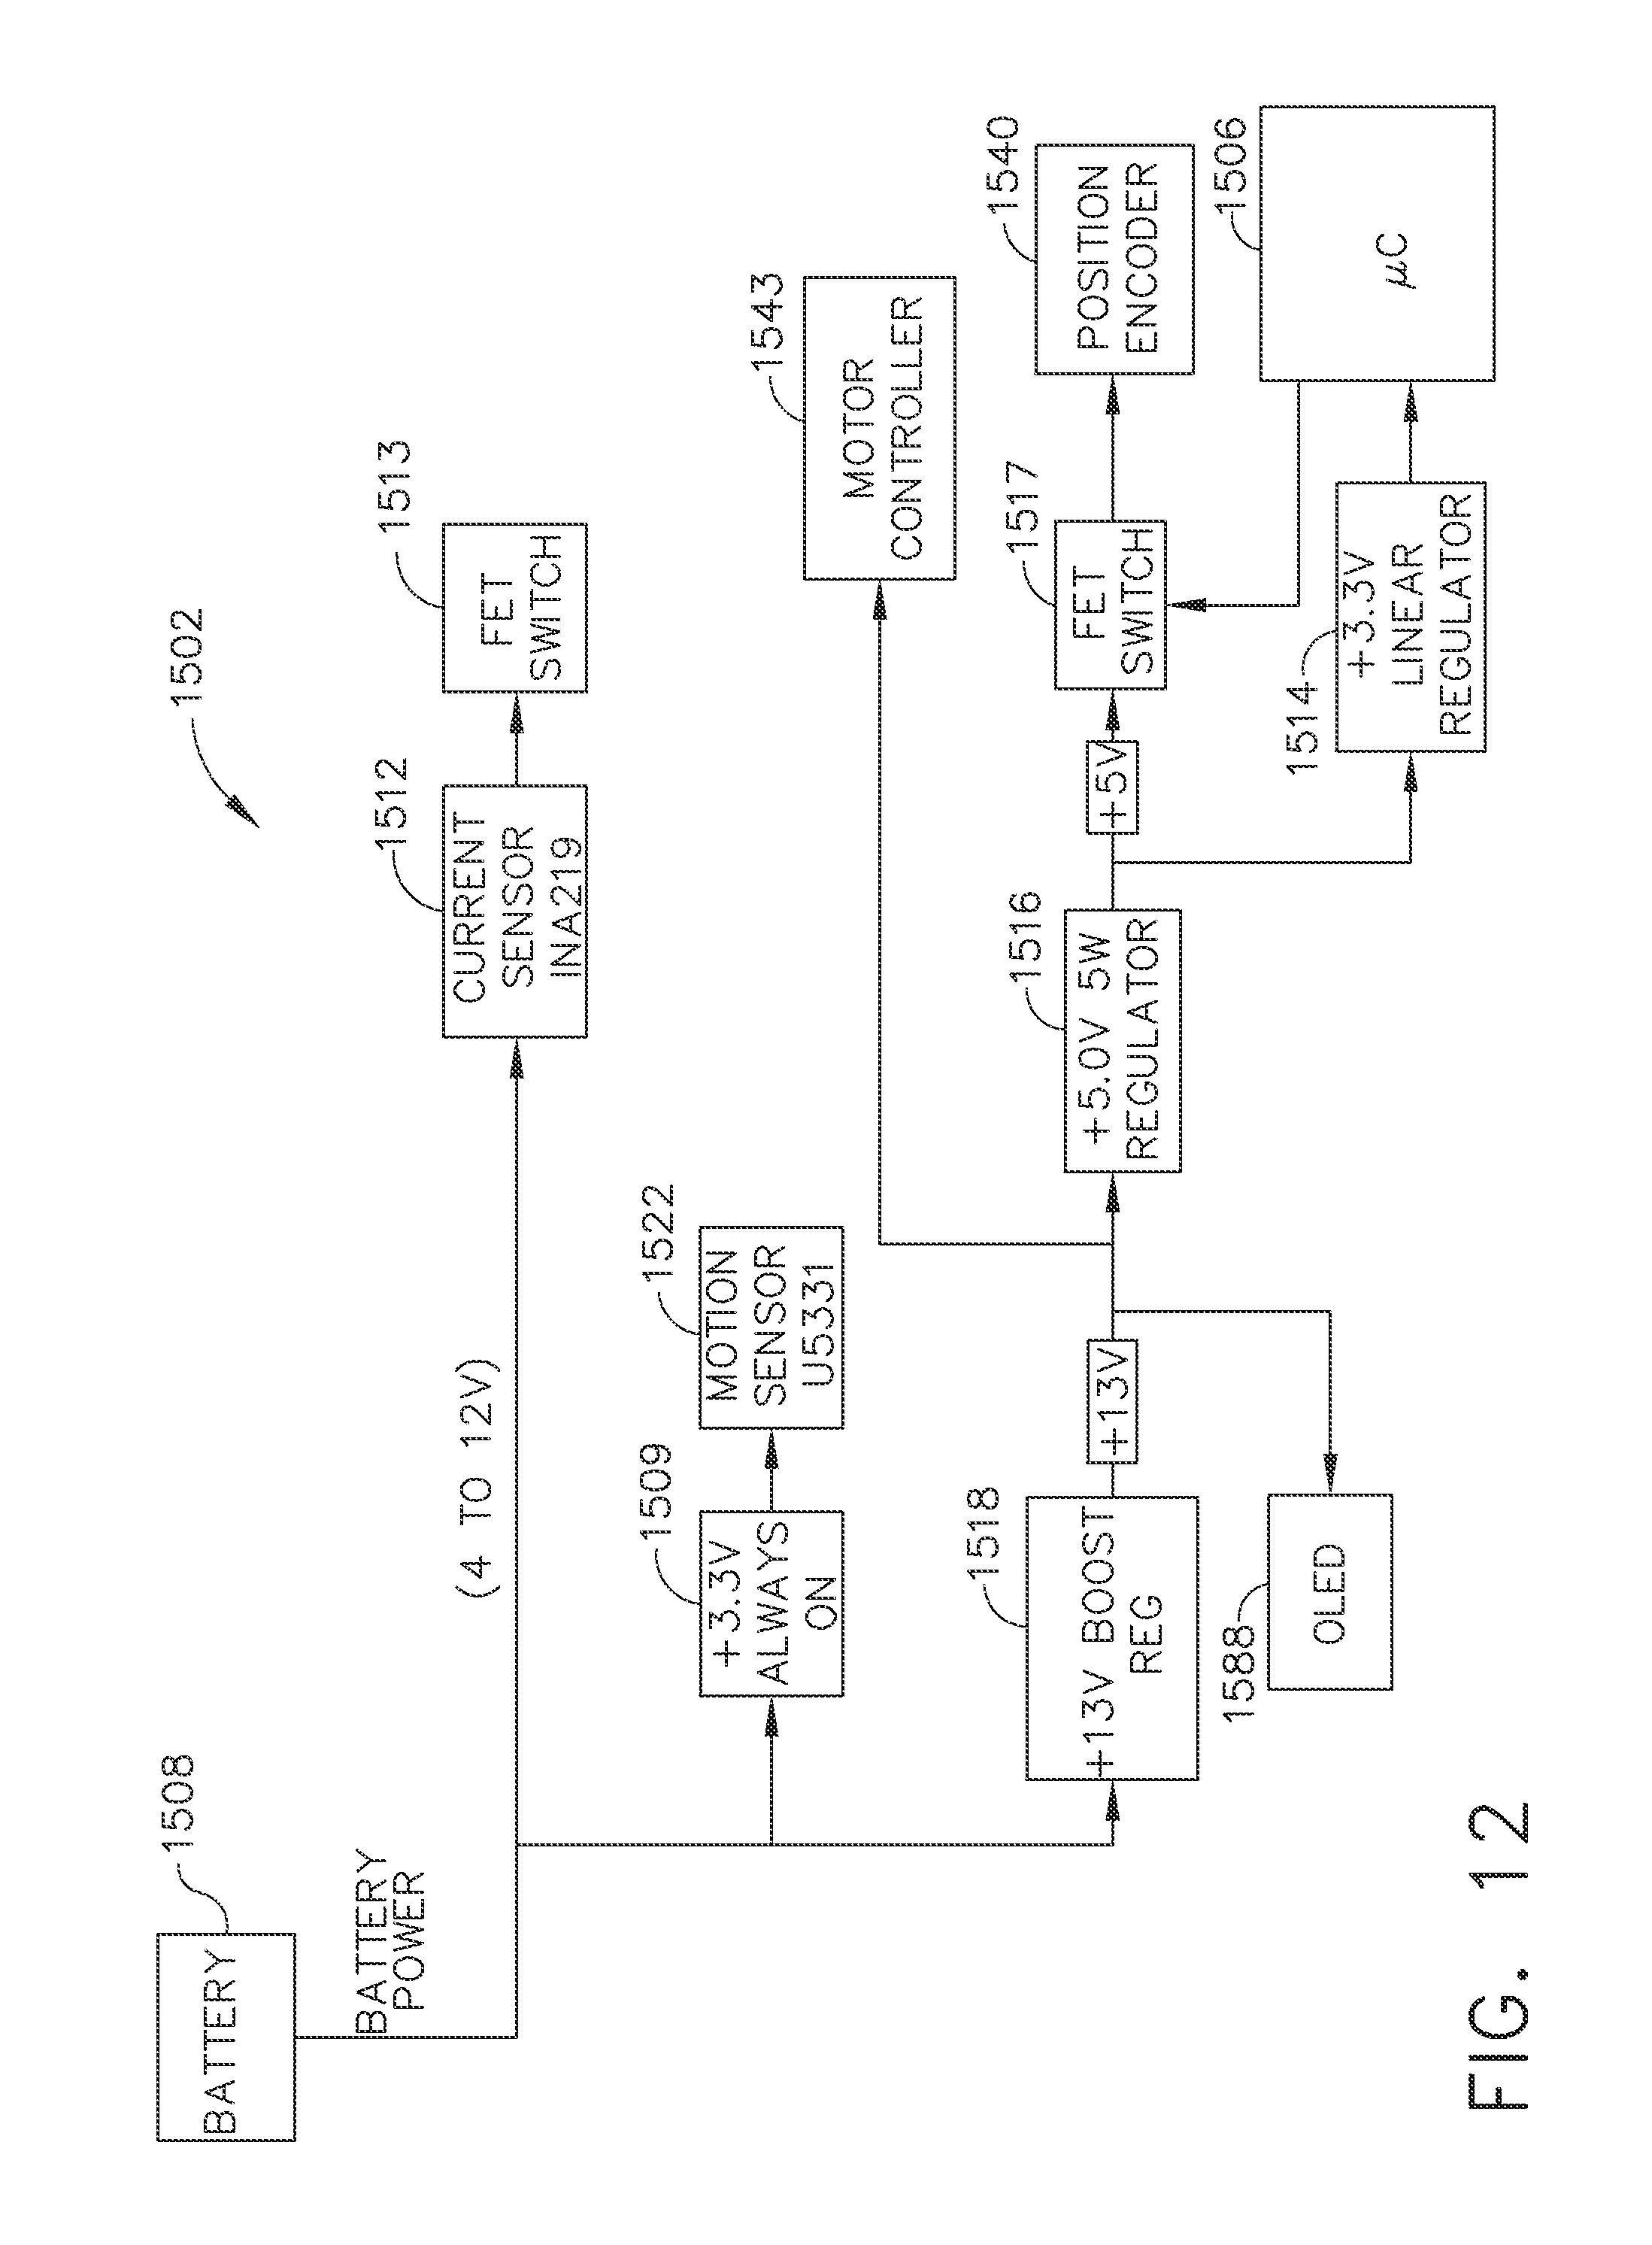 jb10 meter wiring diagram